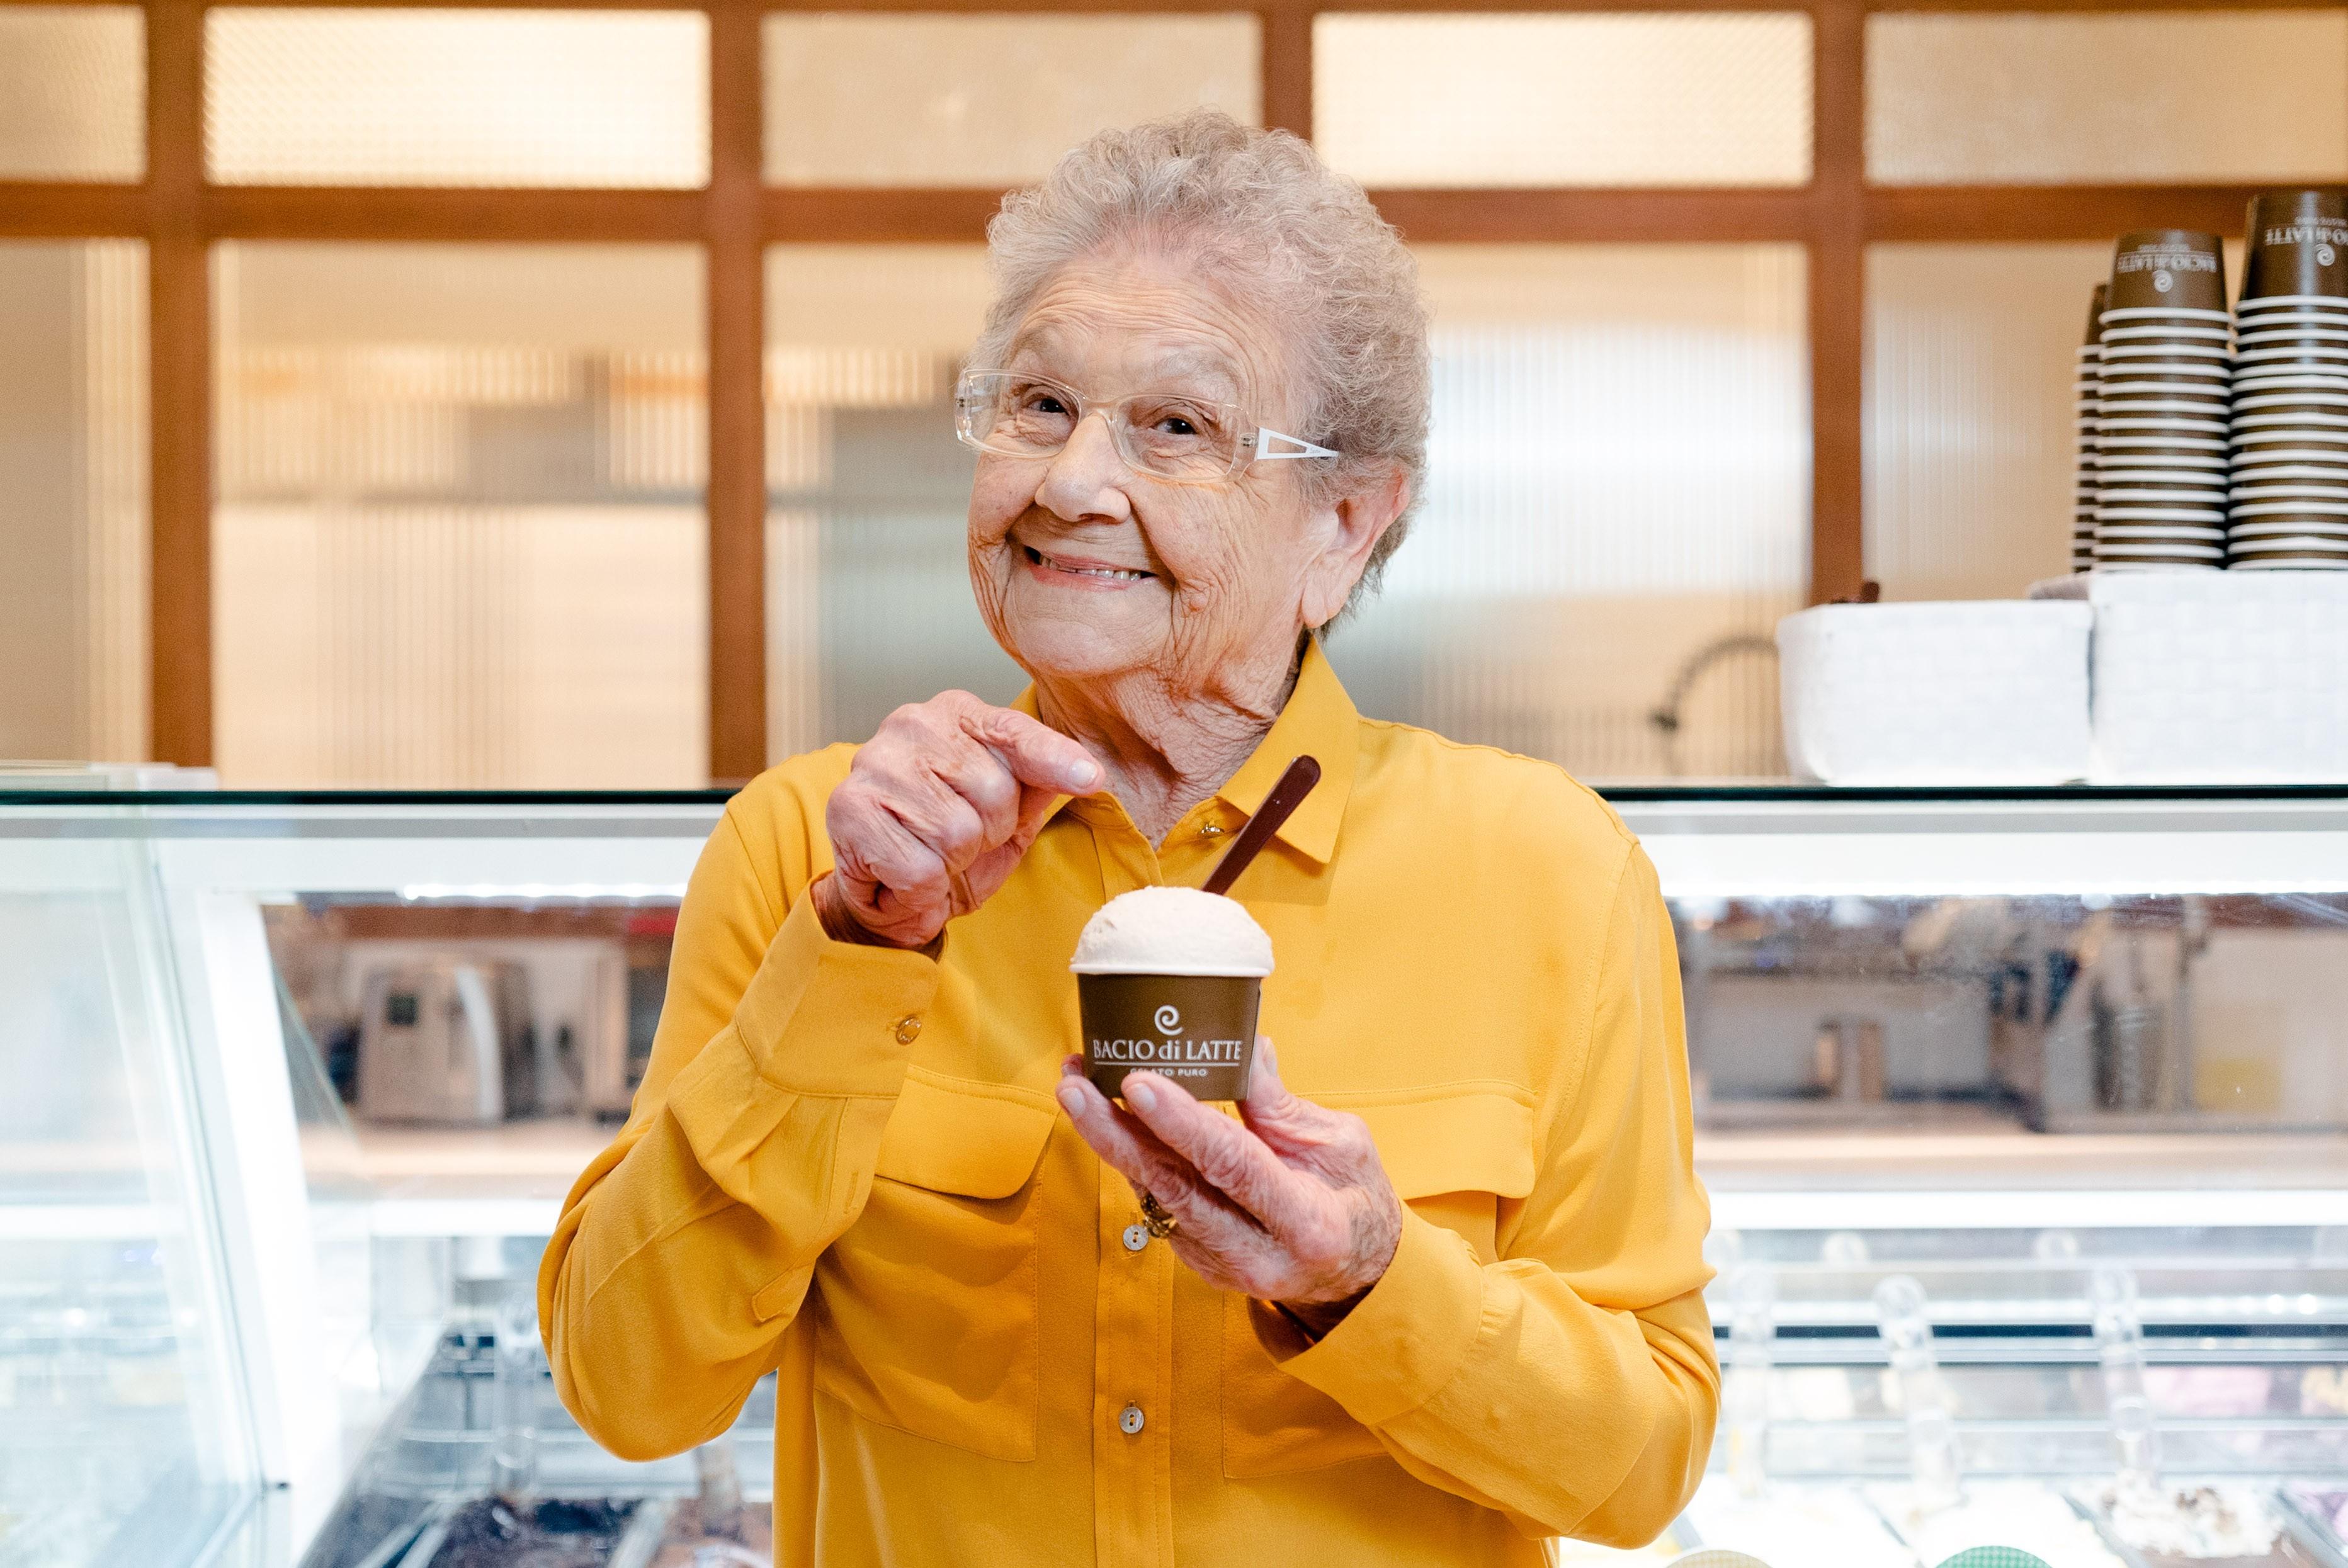 Bacio di Latte transforma receitas da Vovó Palmirinha em sorvete